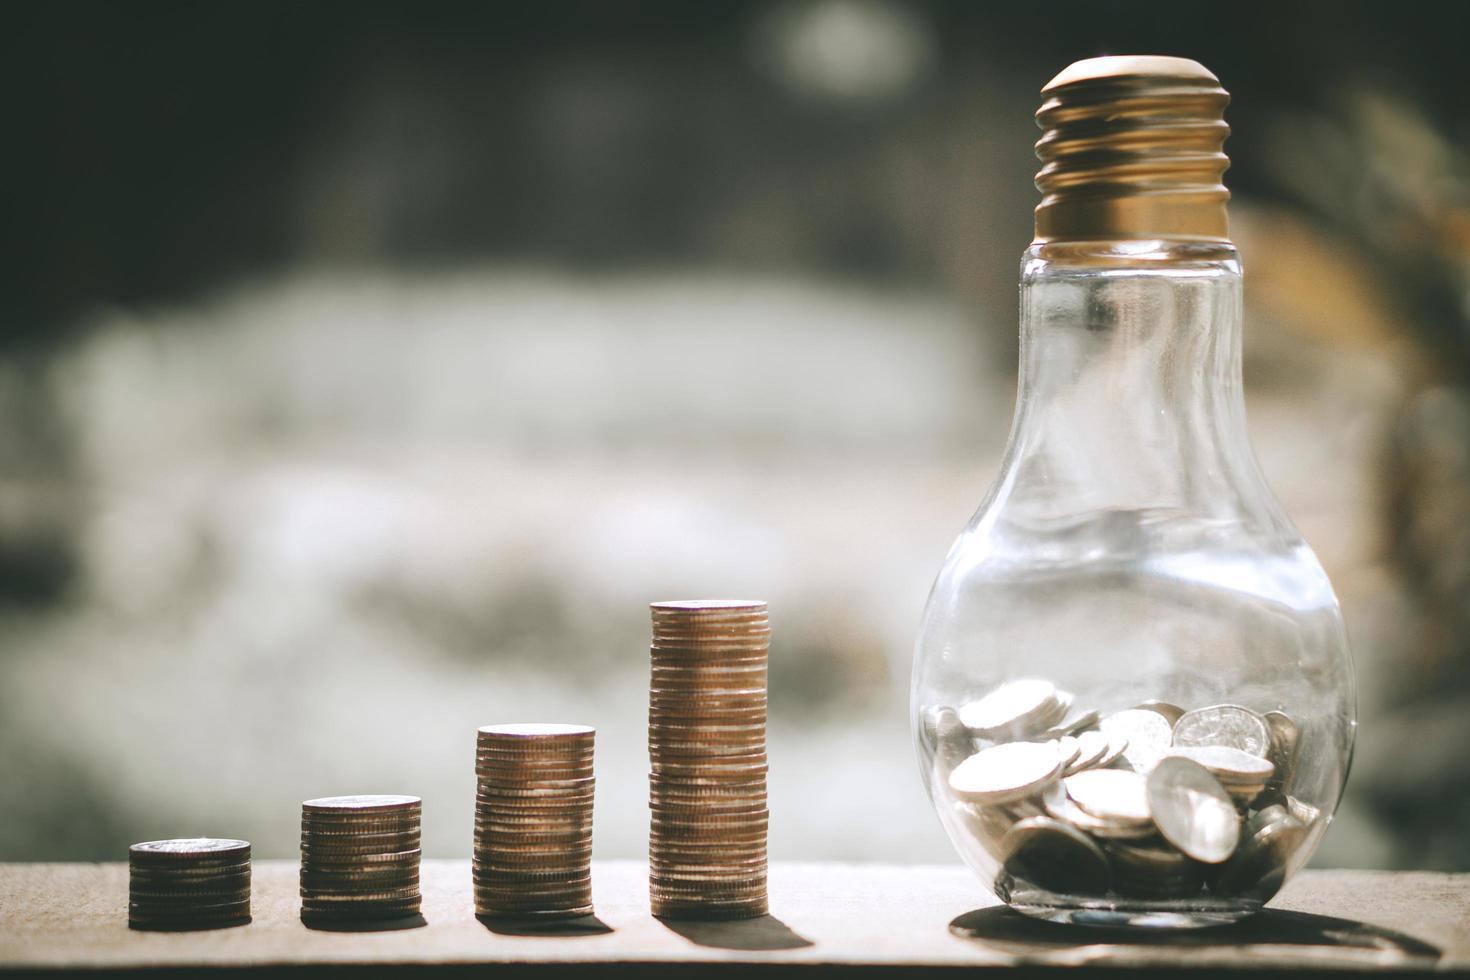 piles de pièces avec banque de verre en bouteille photo